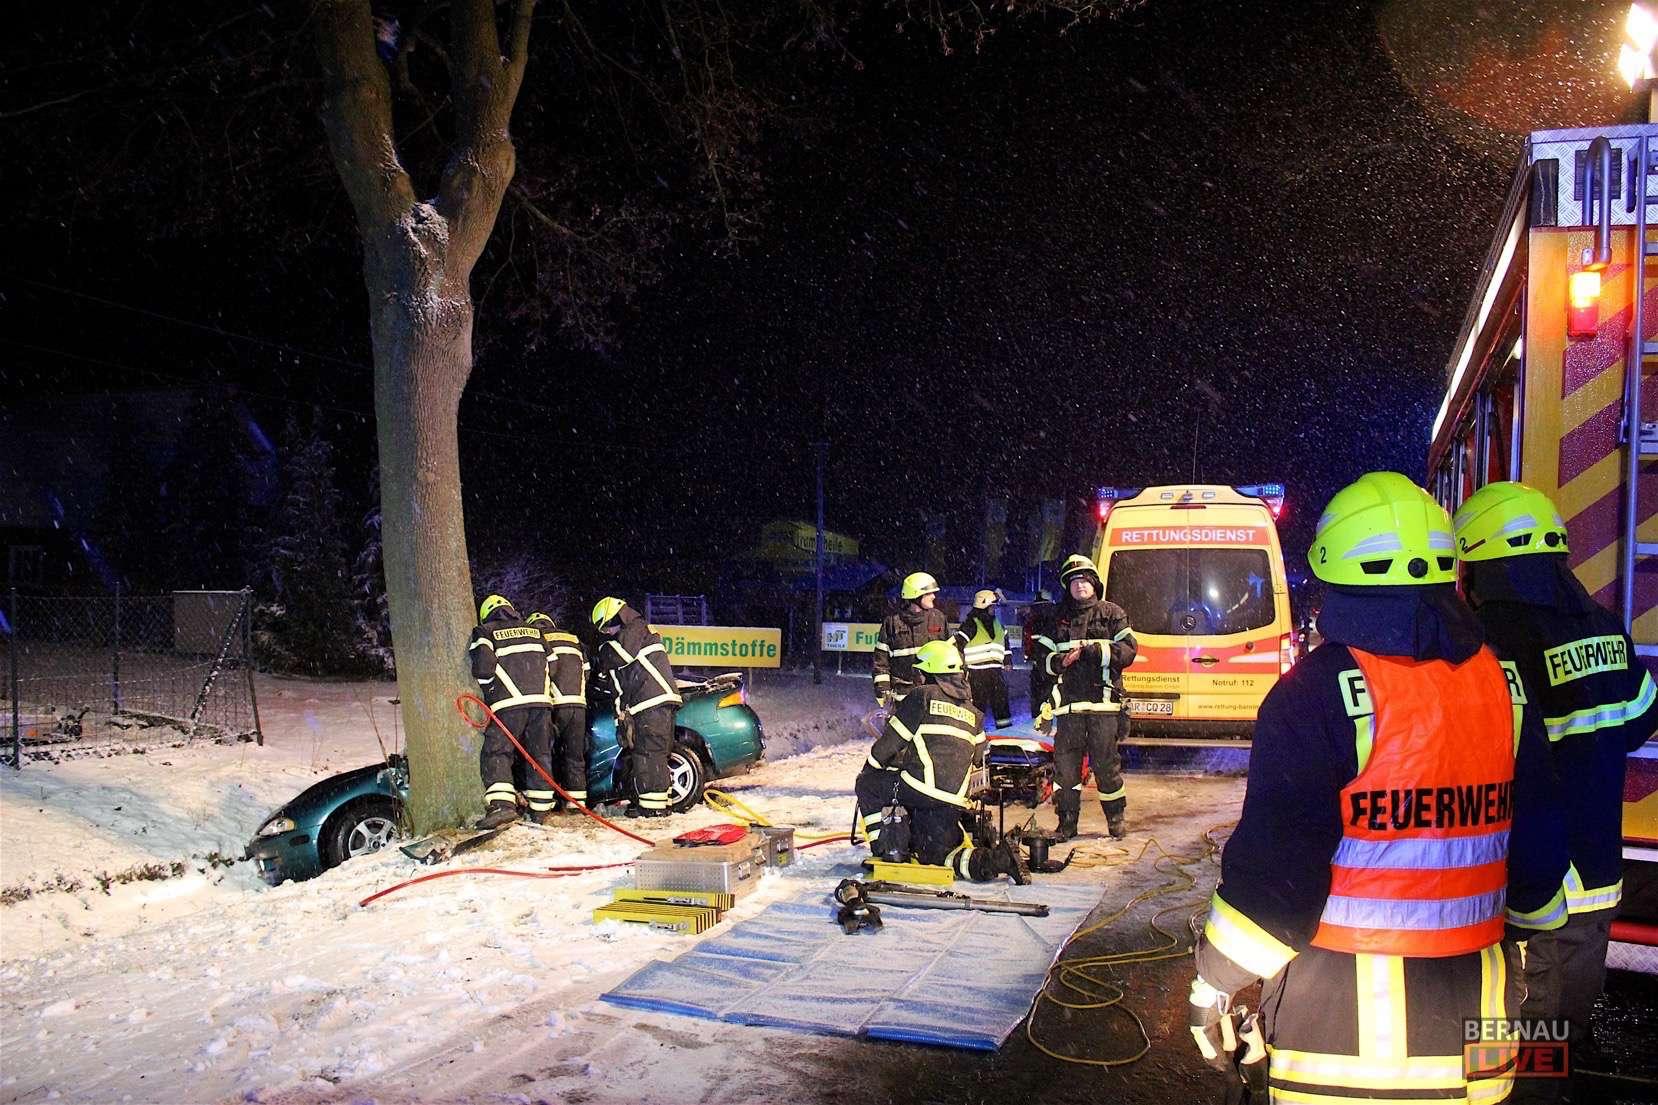 Verkehrsunfall 2: Schwanebecker Chaussee in Bernau - PKW gegen Baum ...